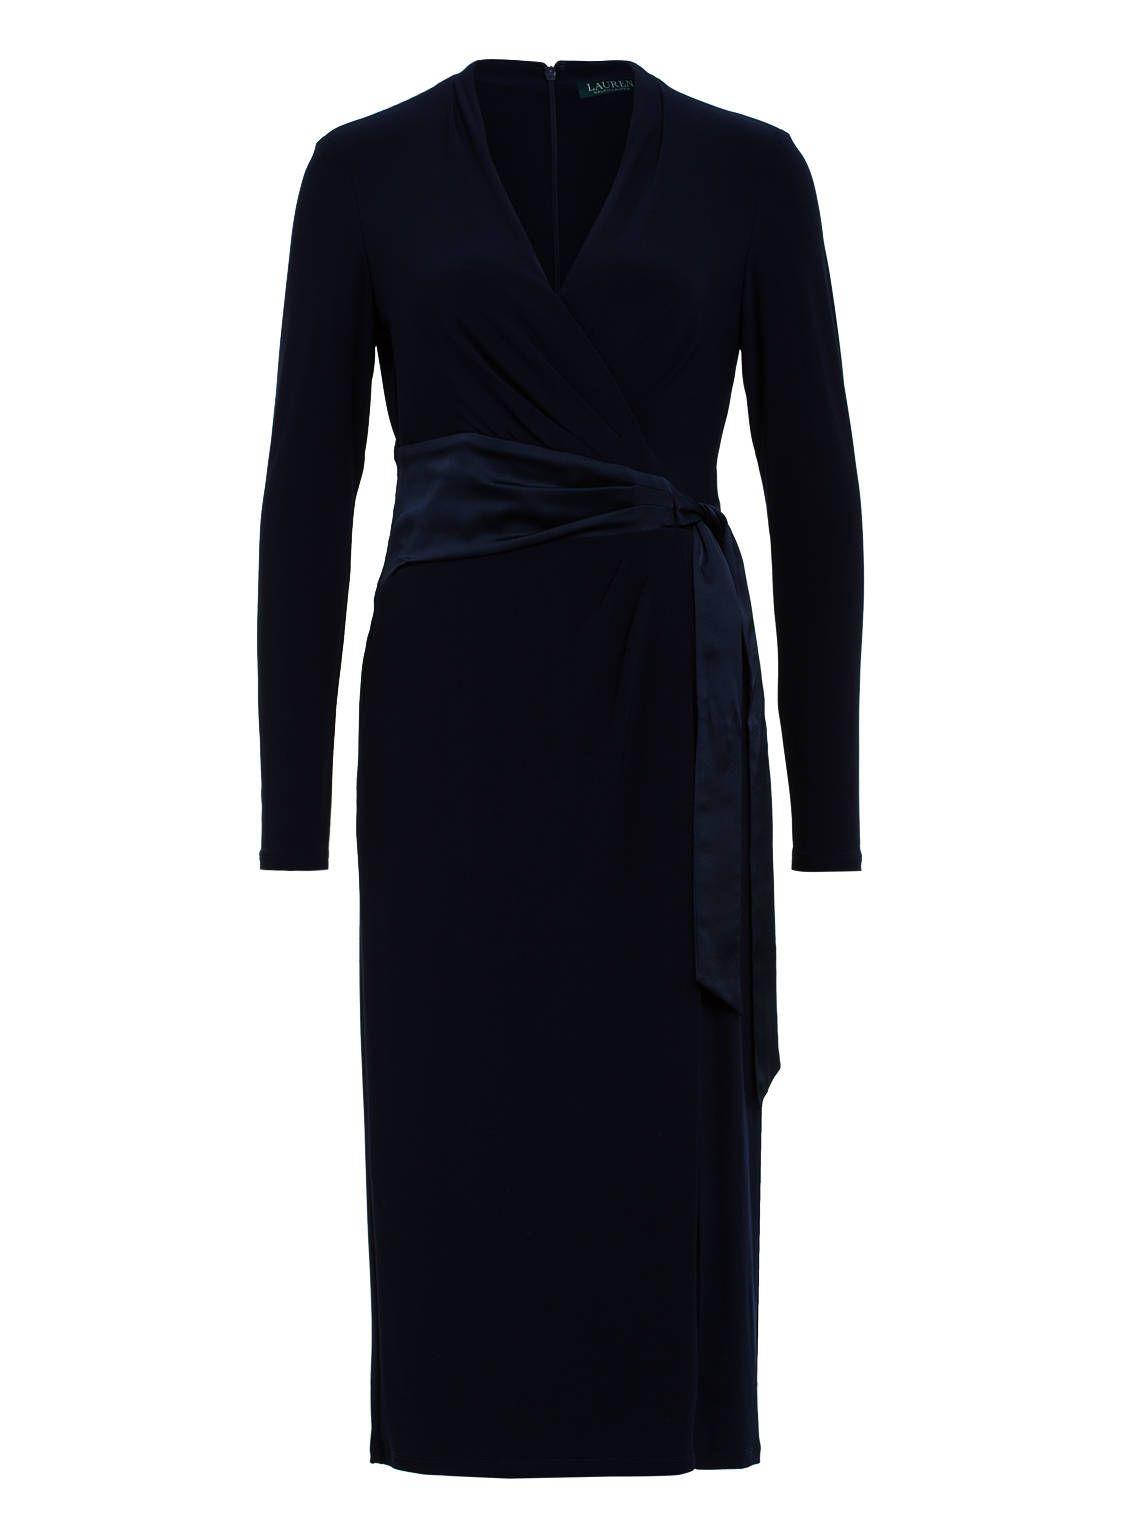 Kleid von LAUREN RALPH LAUREN bei Breuninger kaufen